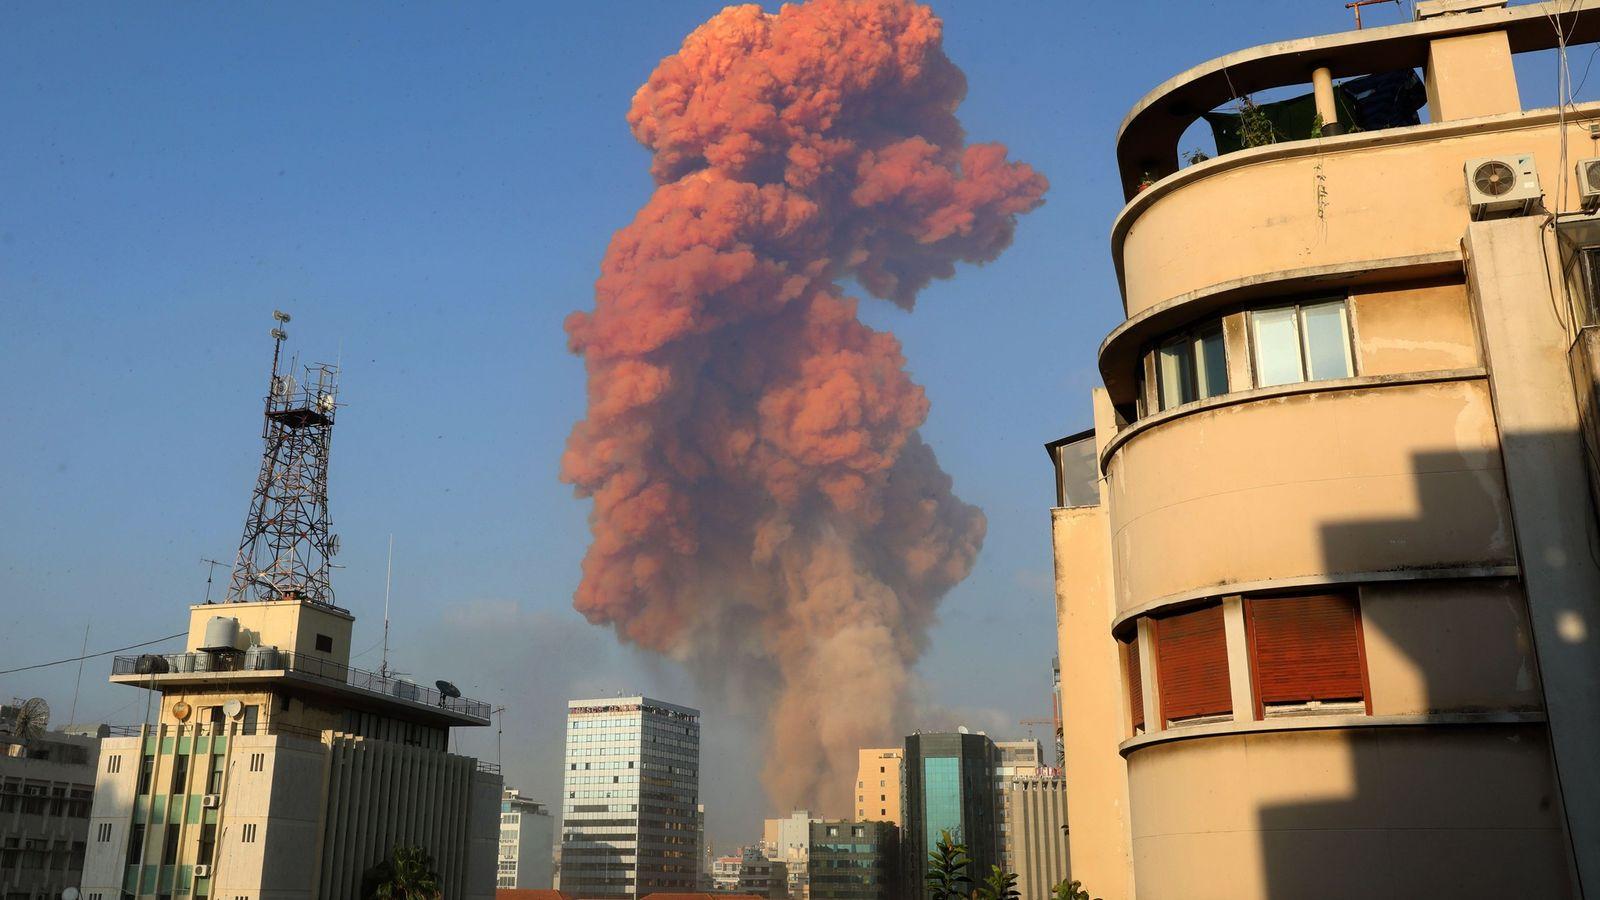 El 4 de agosto, una gran explosión sacudió a Beirut, capital del Líbano. El estallido, que ...